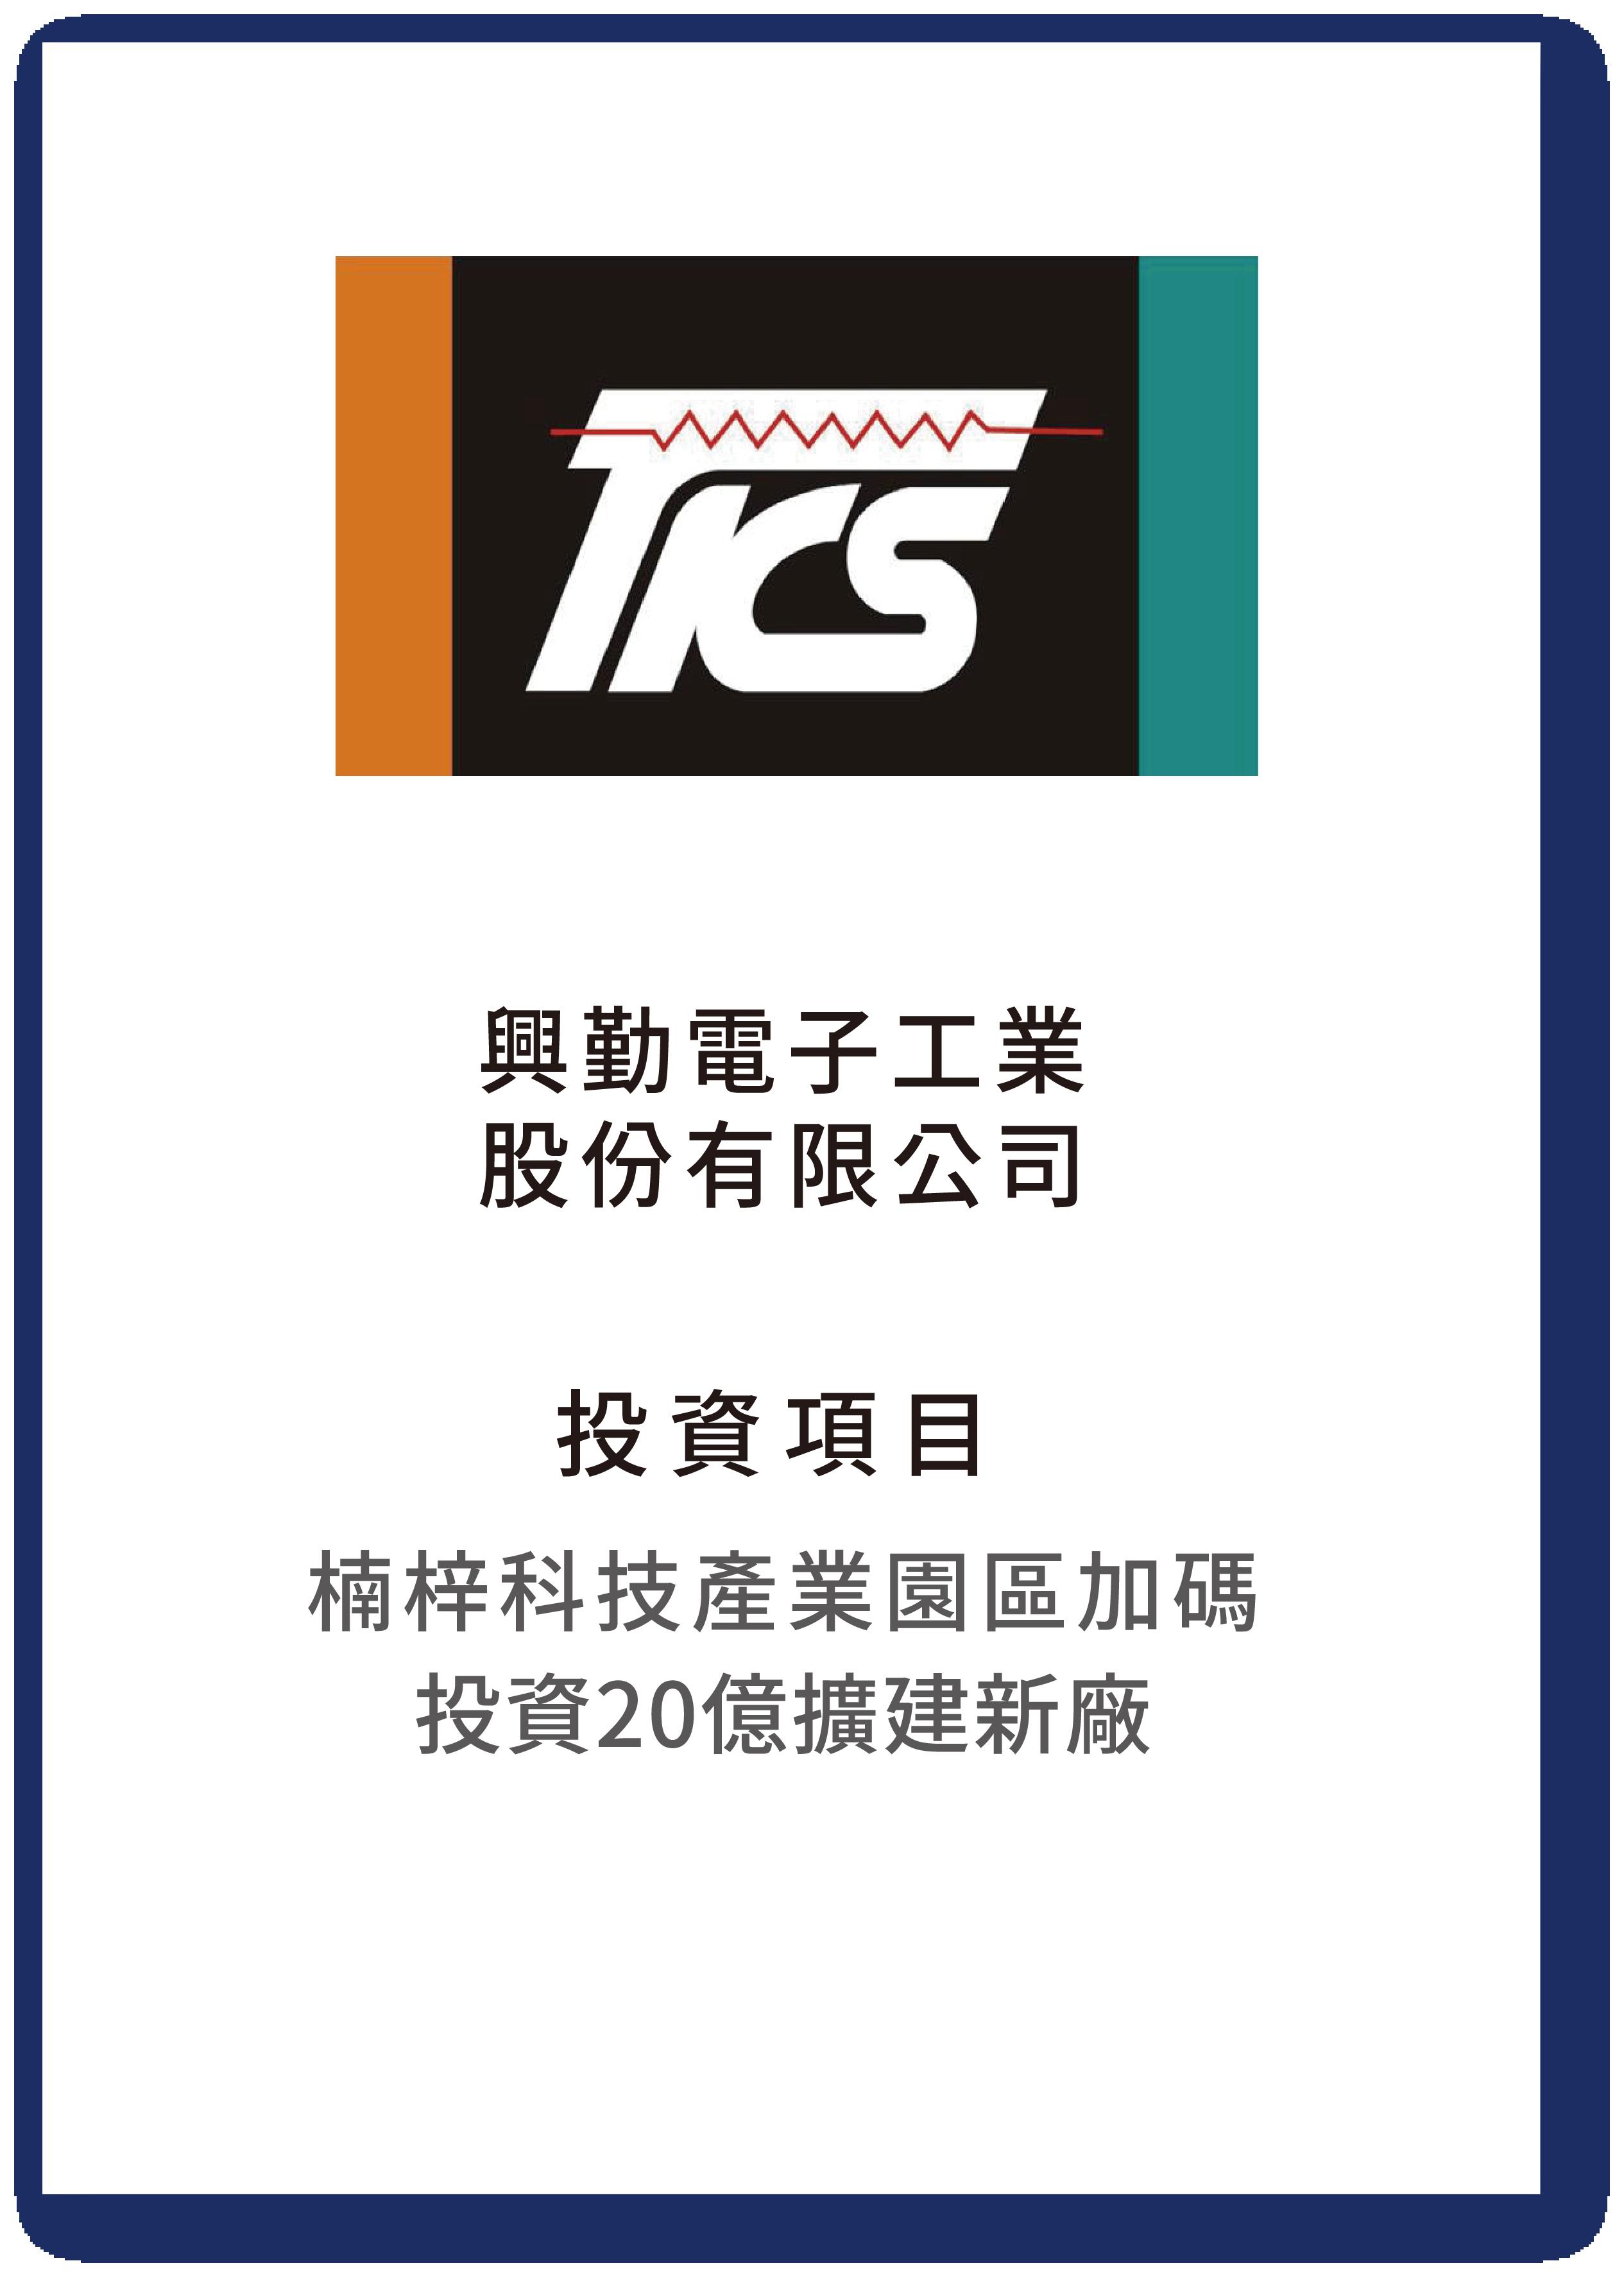 興勤電子工業股份有限公司